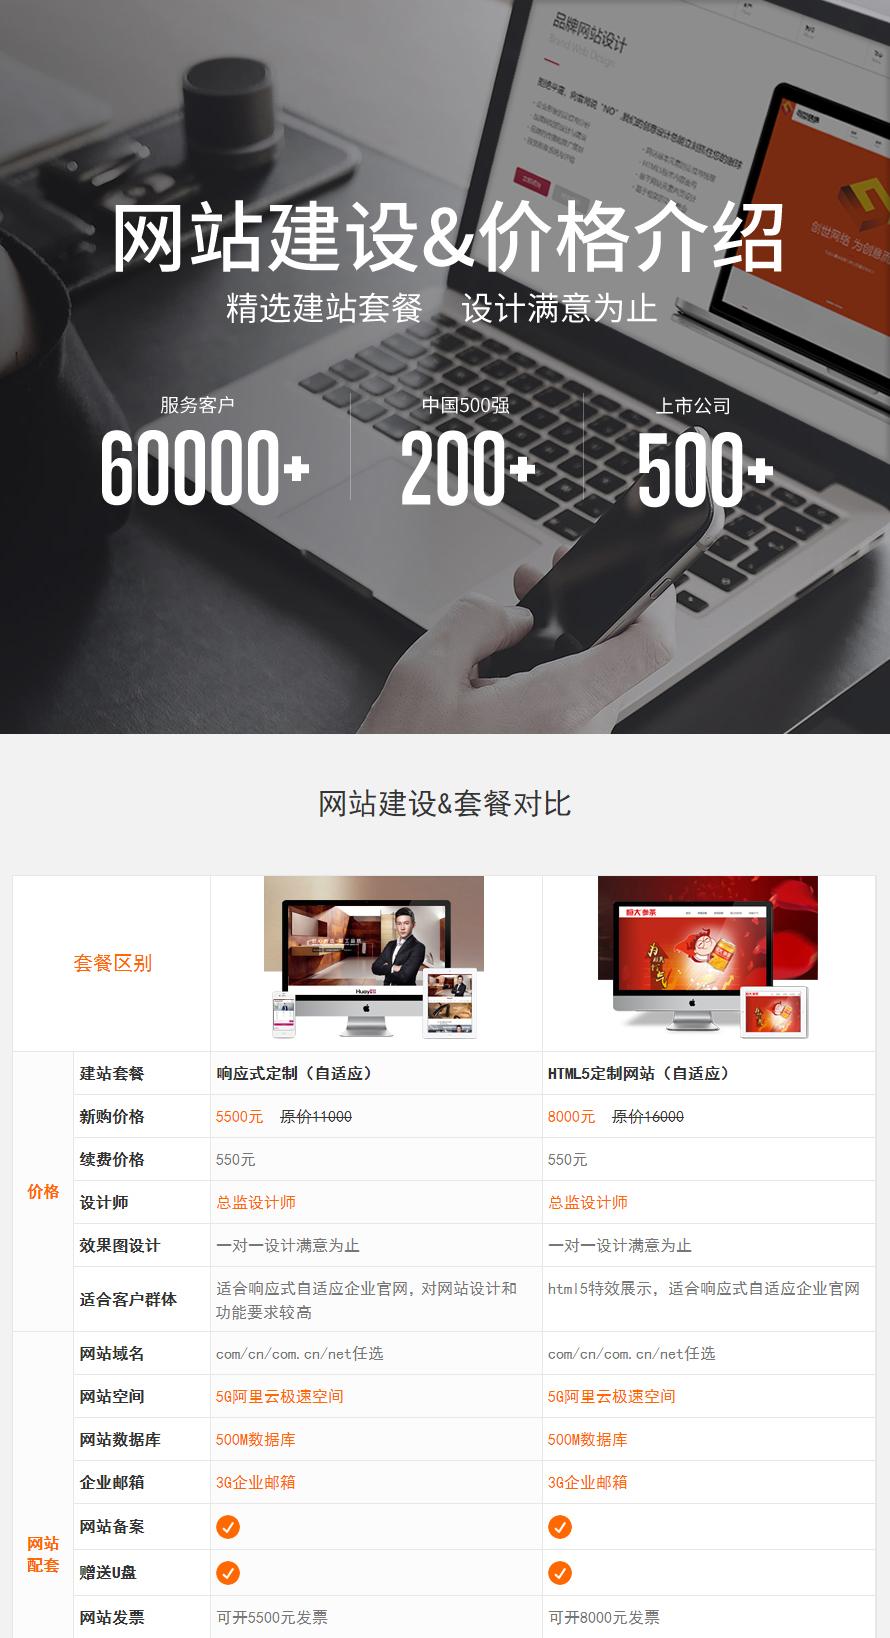 _响应式网站建设 网站制作 网站开发定制 网页设计  网站仿站3